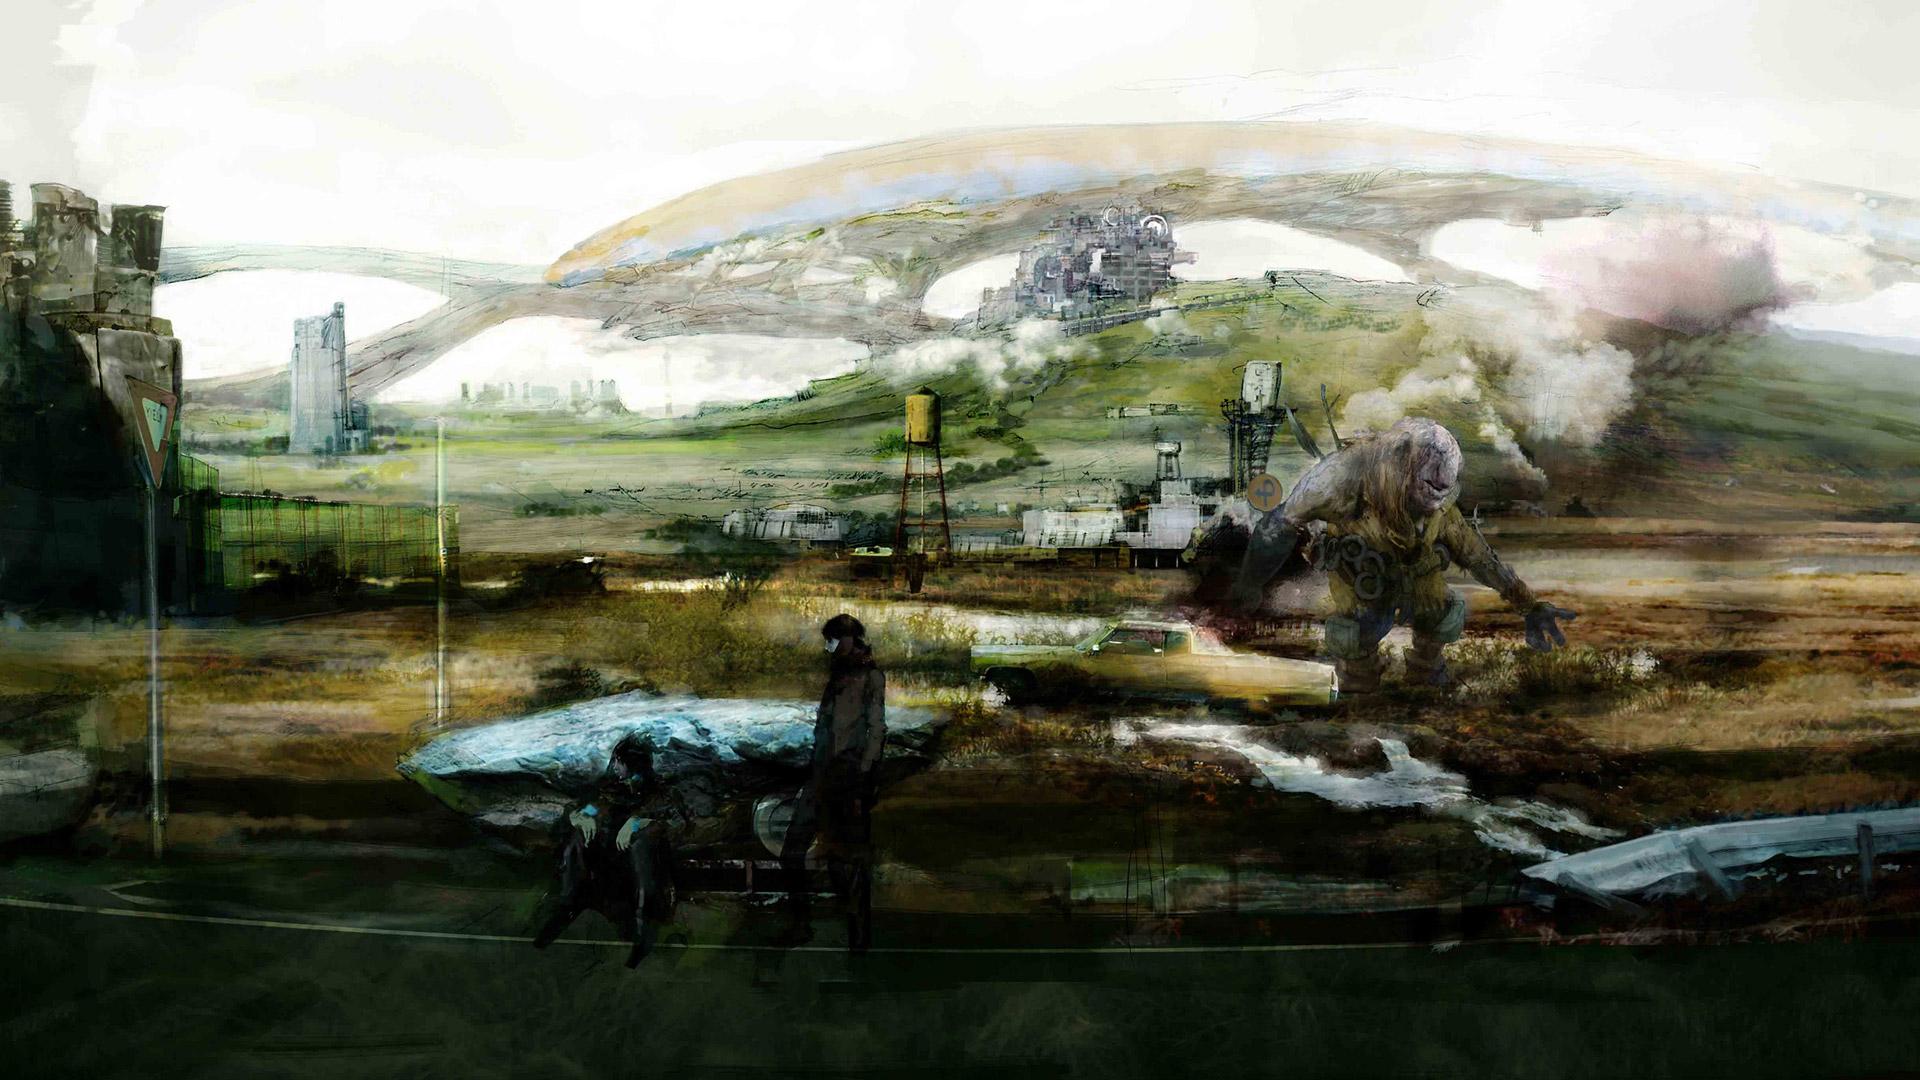 Final Fantasy XV Wallpaper in 1920x1080